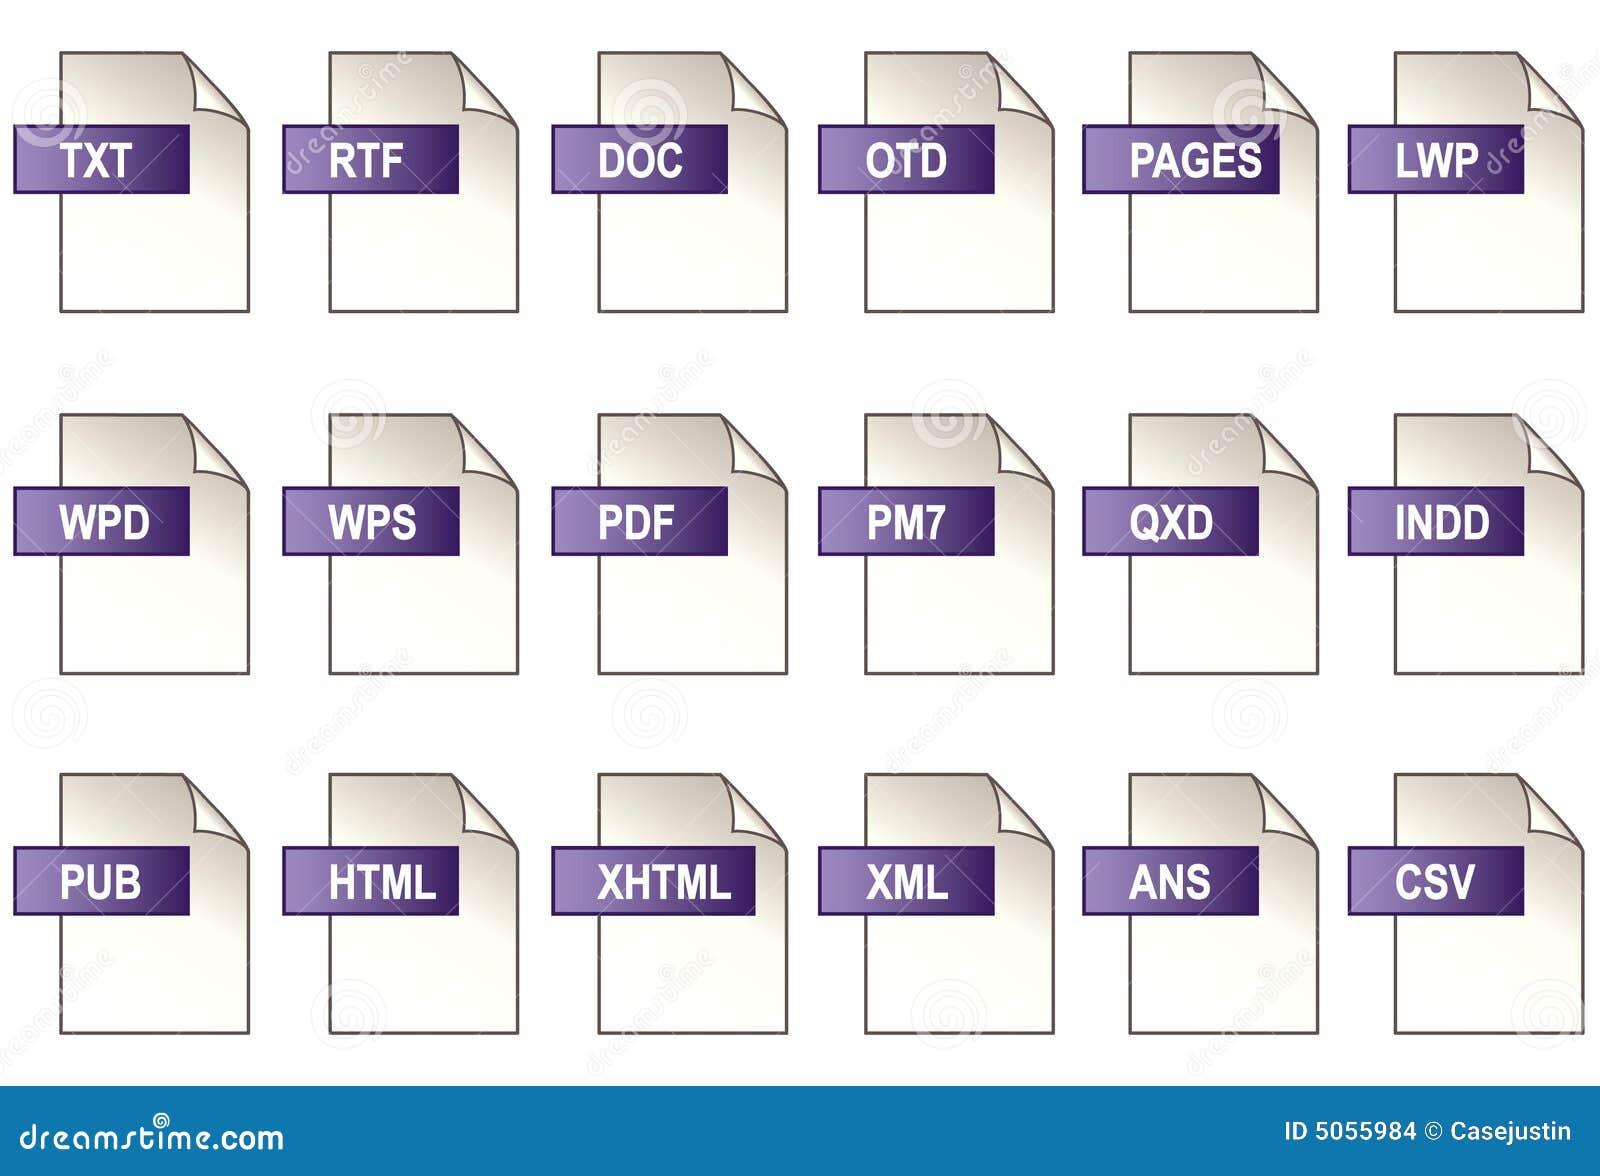 Texte, graphismes de édition, EPS+JPG